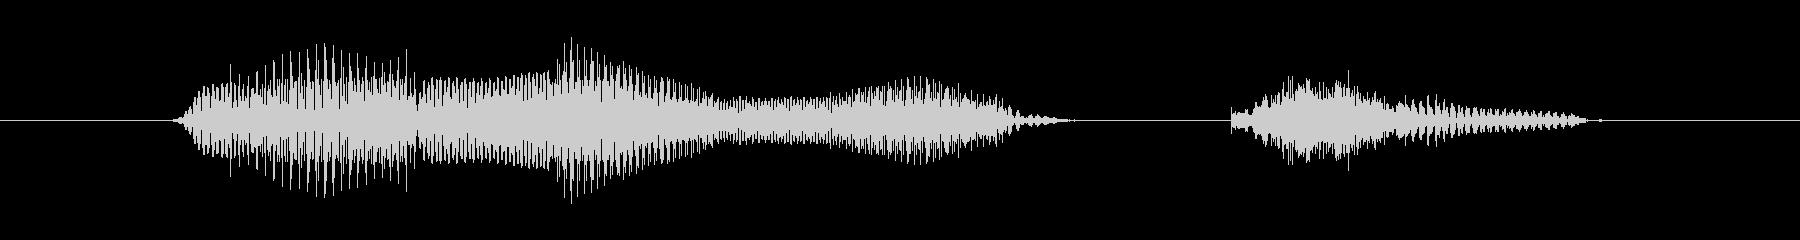 7月(7月・七月)の未再生の波形